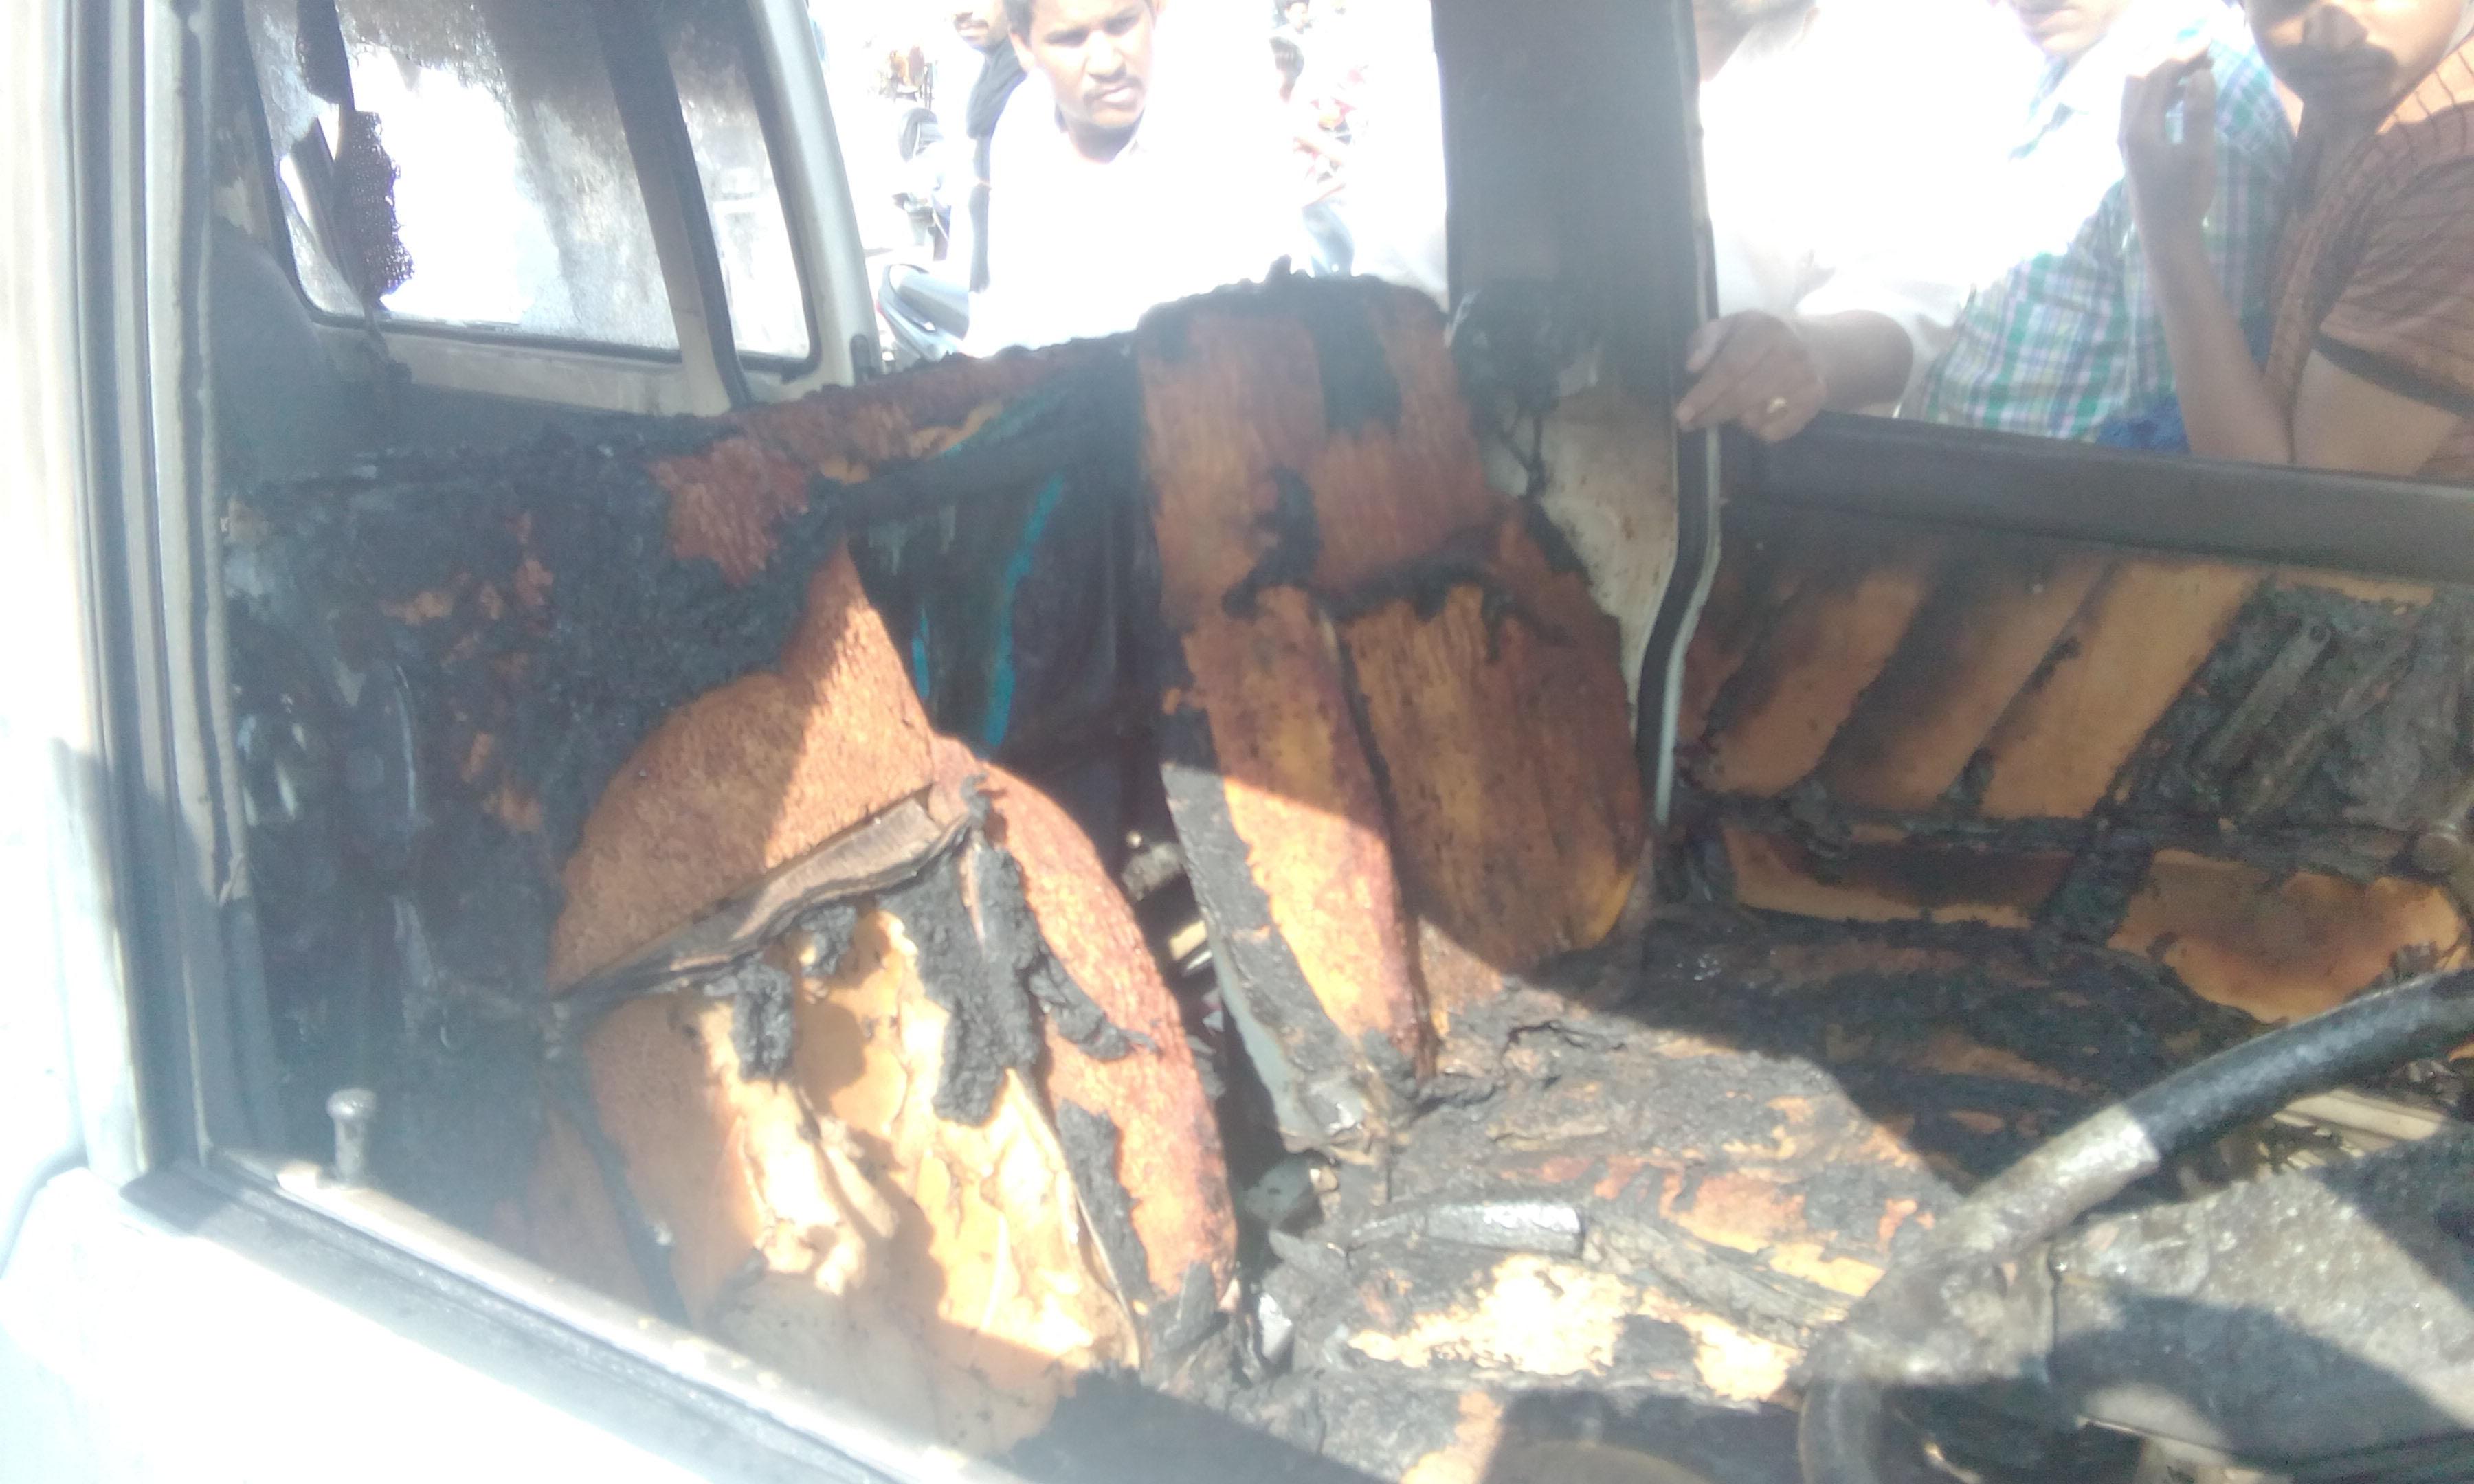 Fire, Maruti Van, Scorched, Injured, Punjab